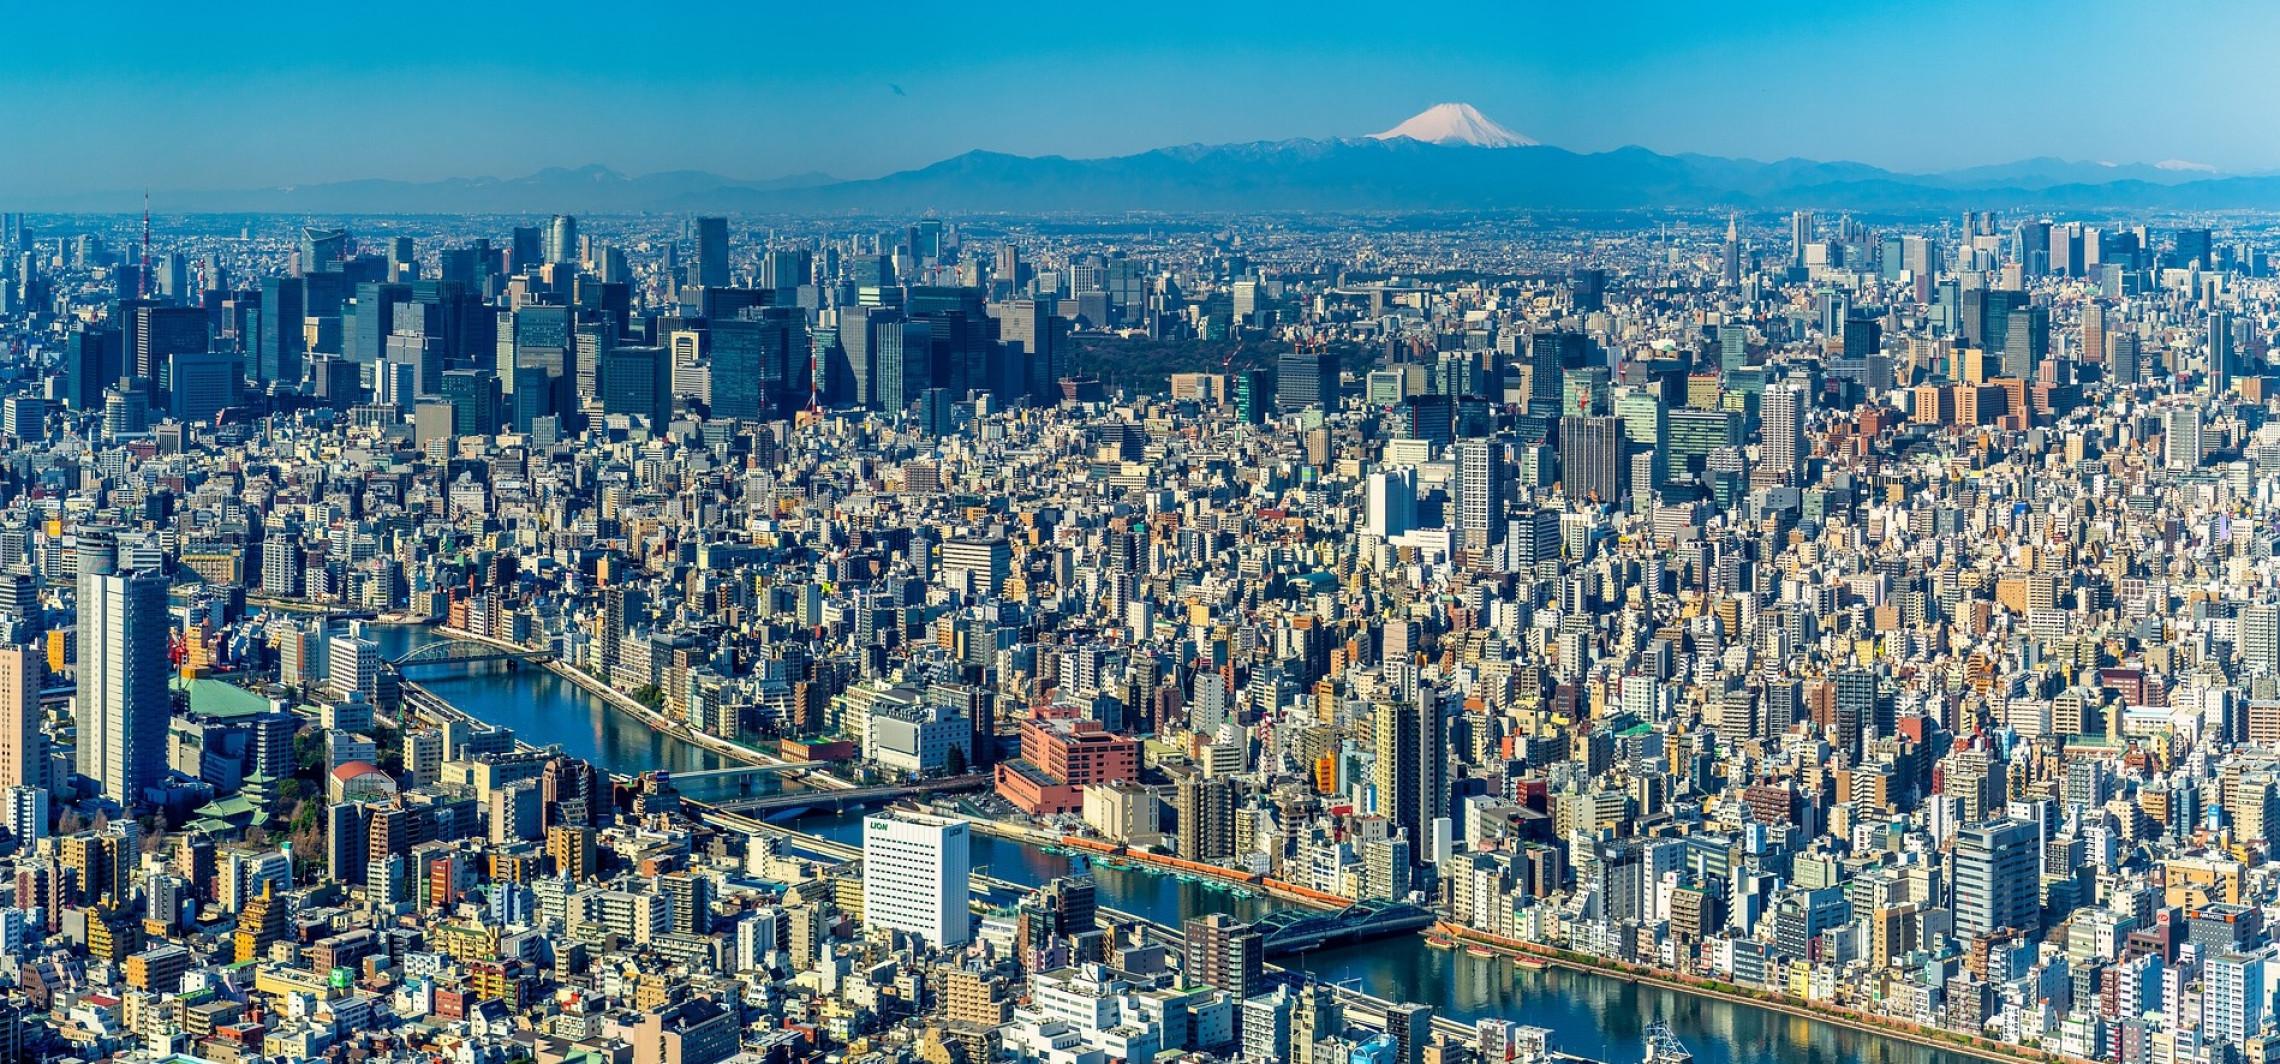 Inowrocław - Igrzyska w Tokio bez inowrocławianina?